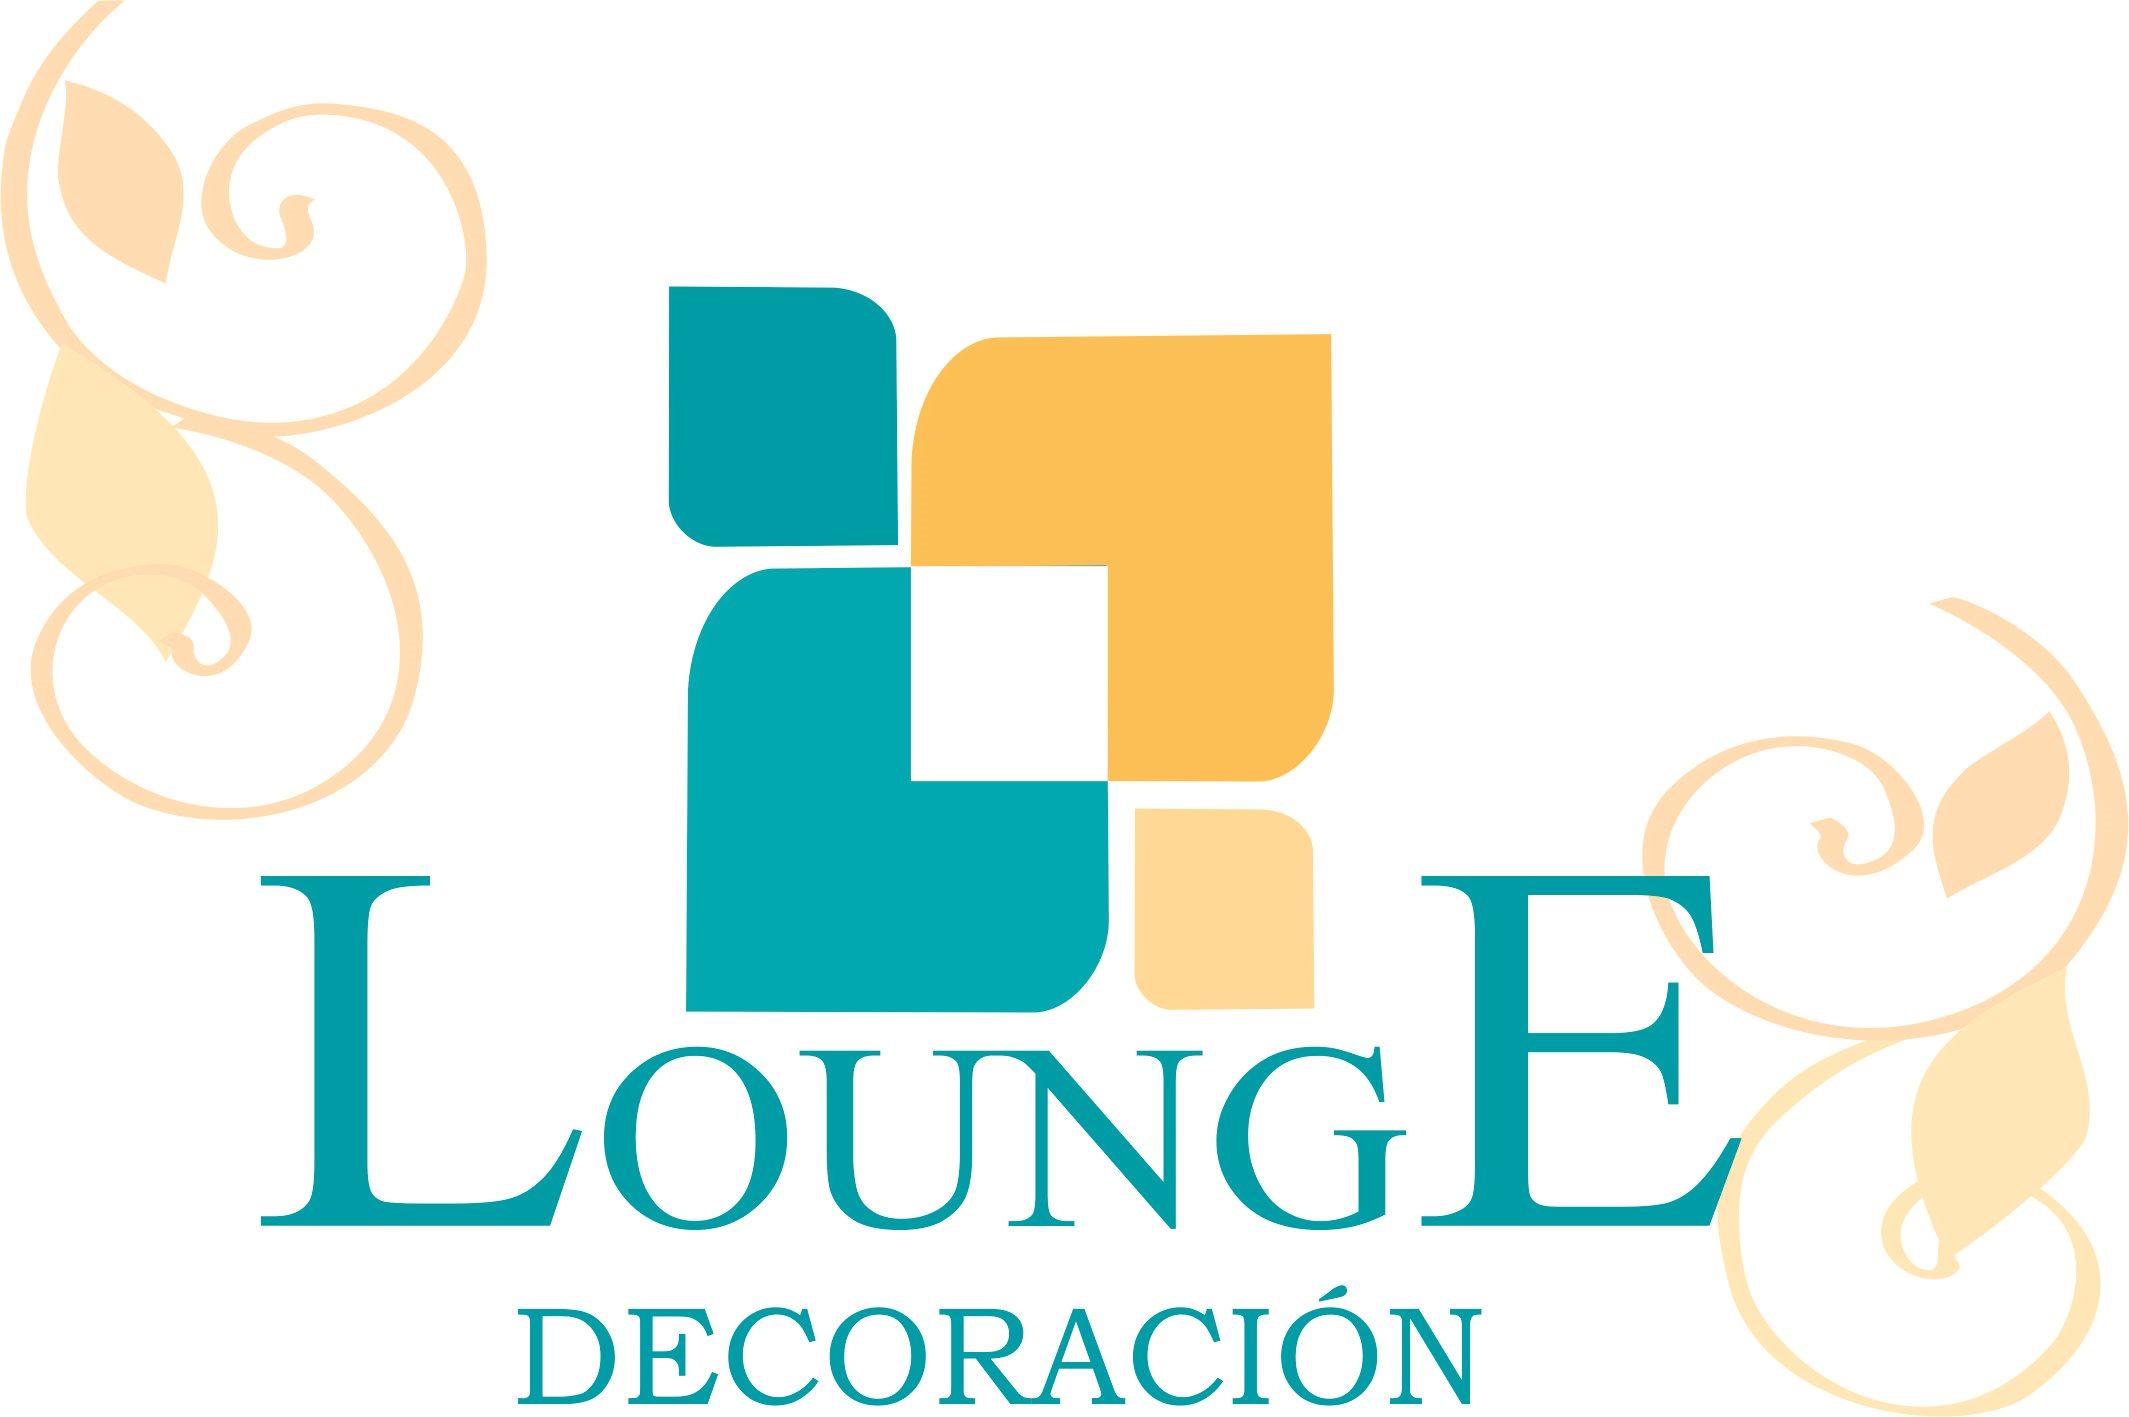 Lounge decoracion computrabajo per - Empresas de decoracion ...